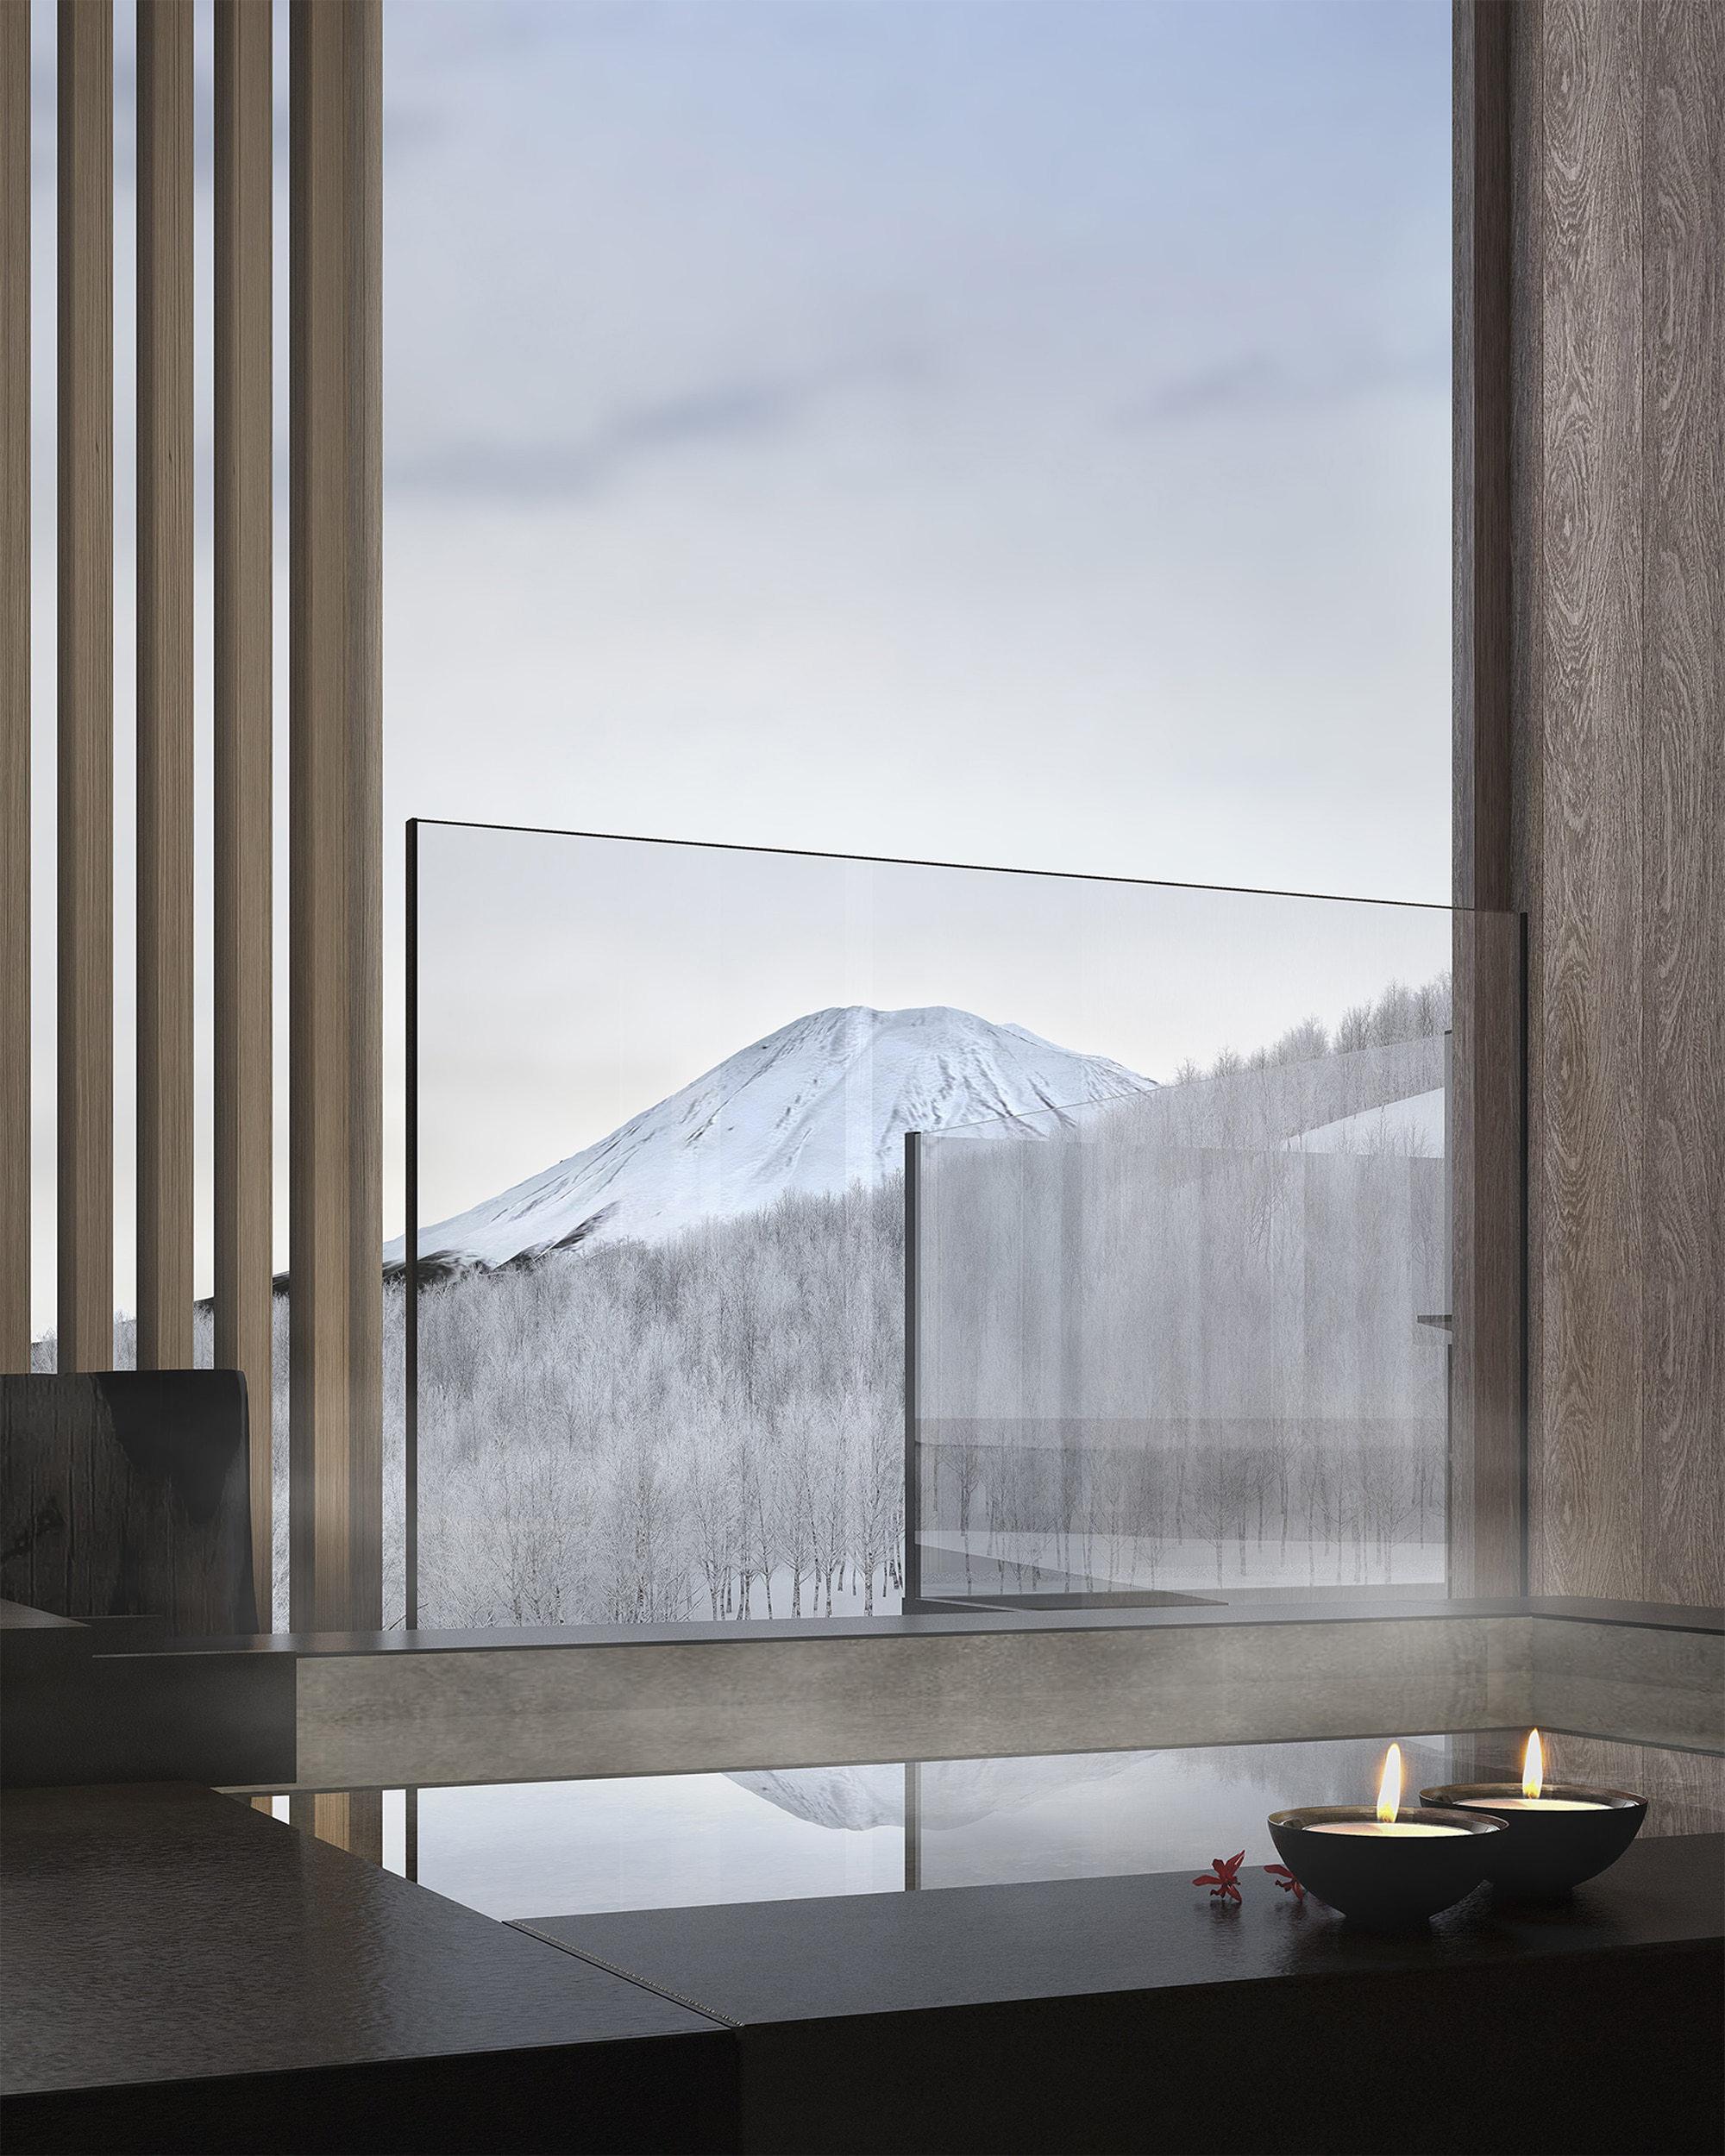 半露天風呂付のスイートもあり、温泉を堪能しながら大きな窓からは羊蹄山の雄大な眺めが楽しめる。